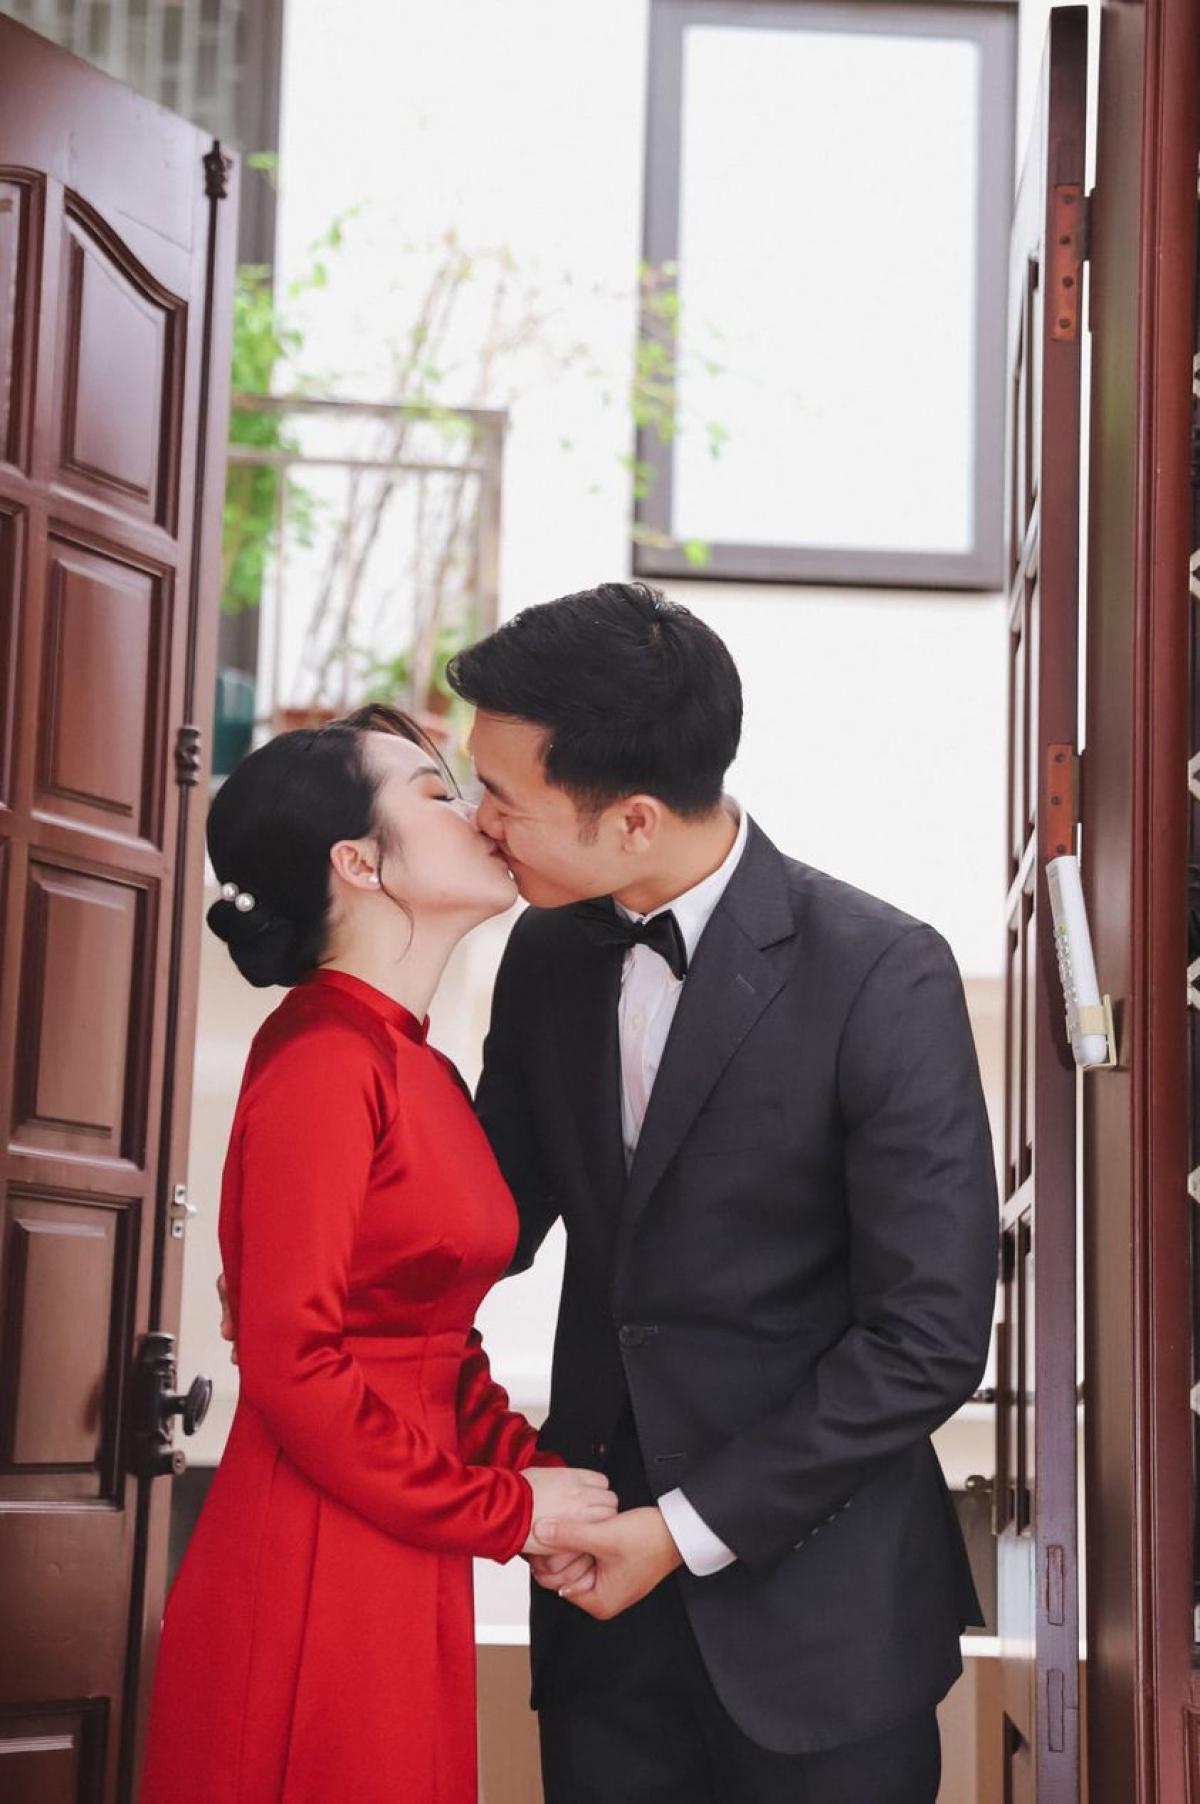 Hình ảnh ngọt ngào của cặp đôi Xuân Trường - Nhuệ Giang trong ngày vui.